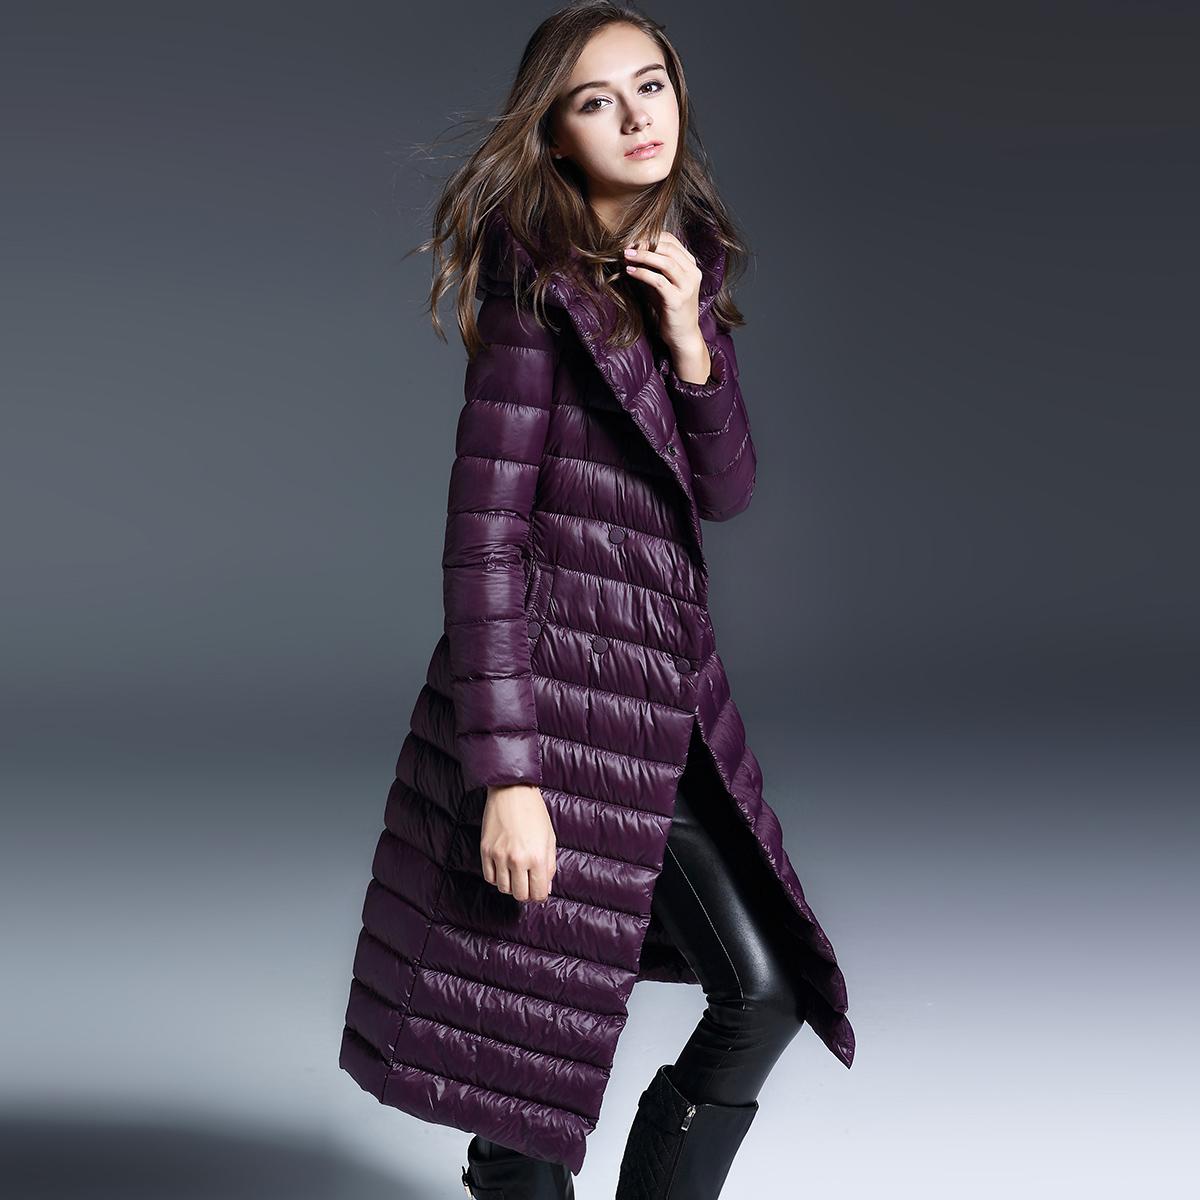 紫色羽绒服 长款羽绒服女修身过膝加肥大码女装韩版中长双排扣连帽轻薄羽绒服_推荐淘宝好看的紫色羽绒服